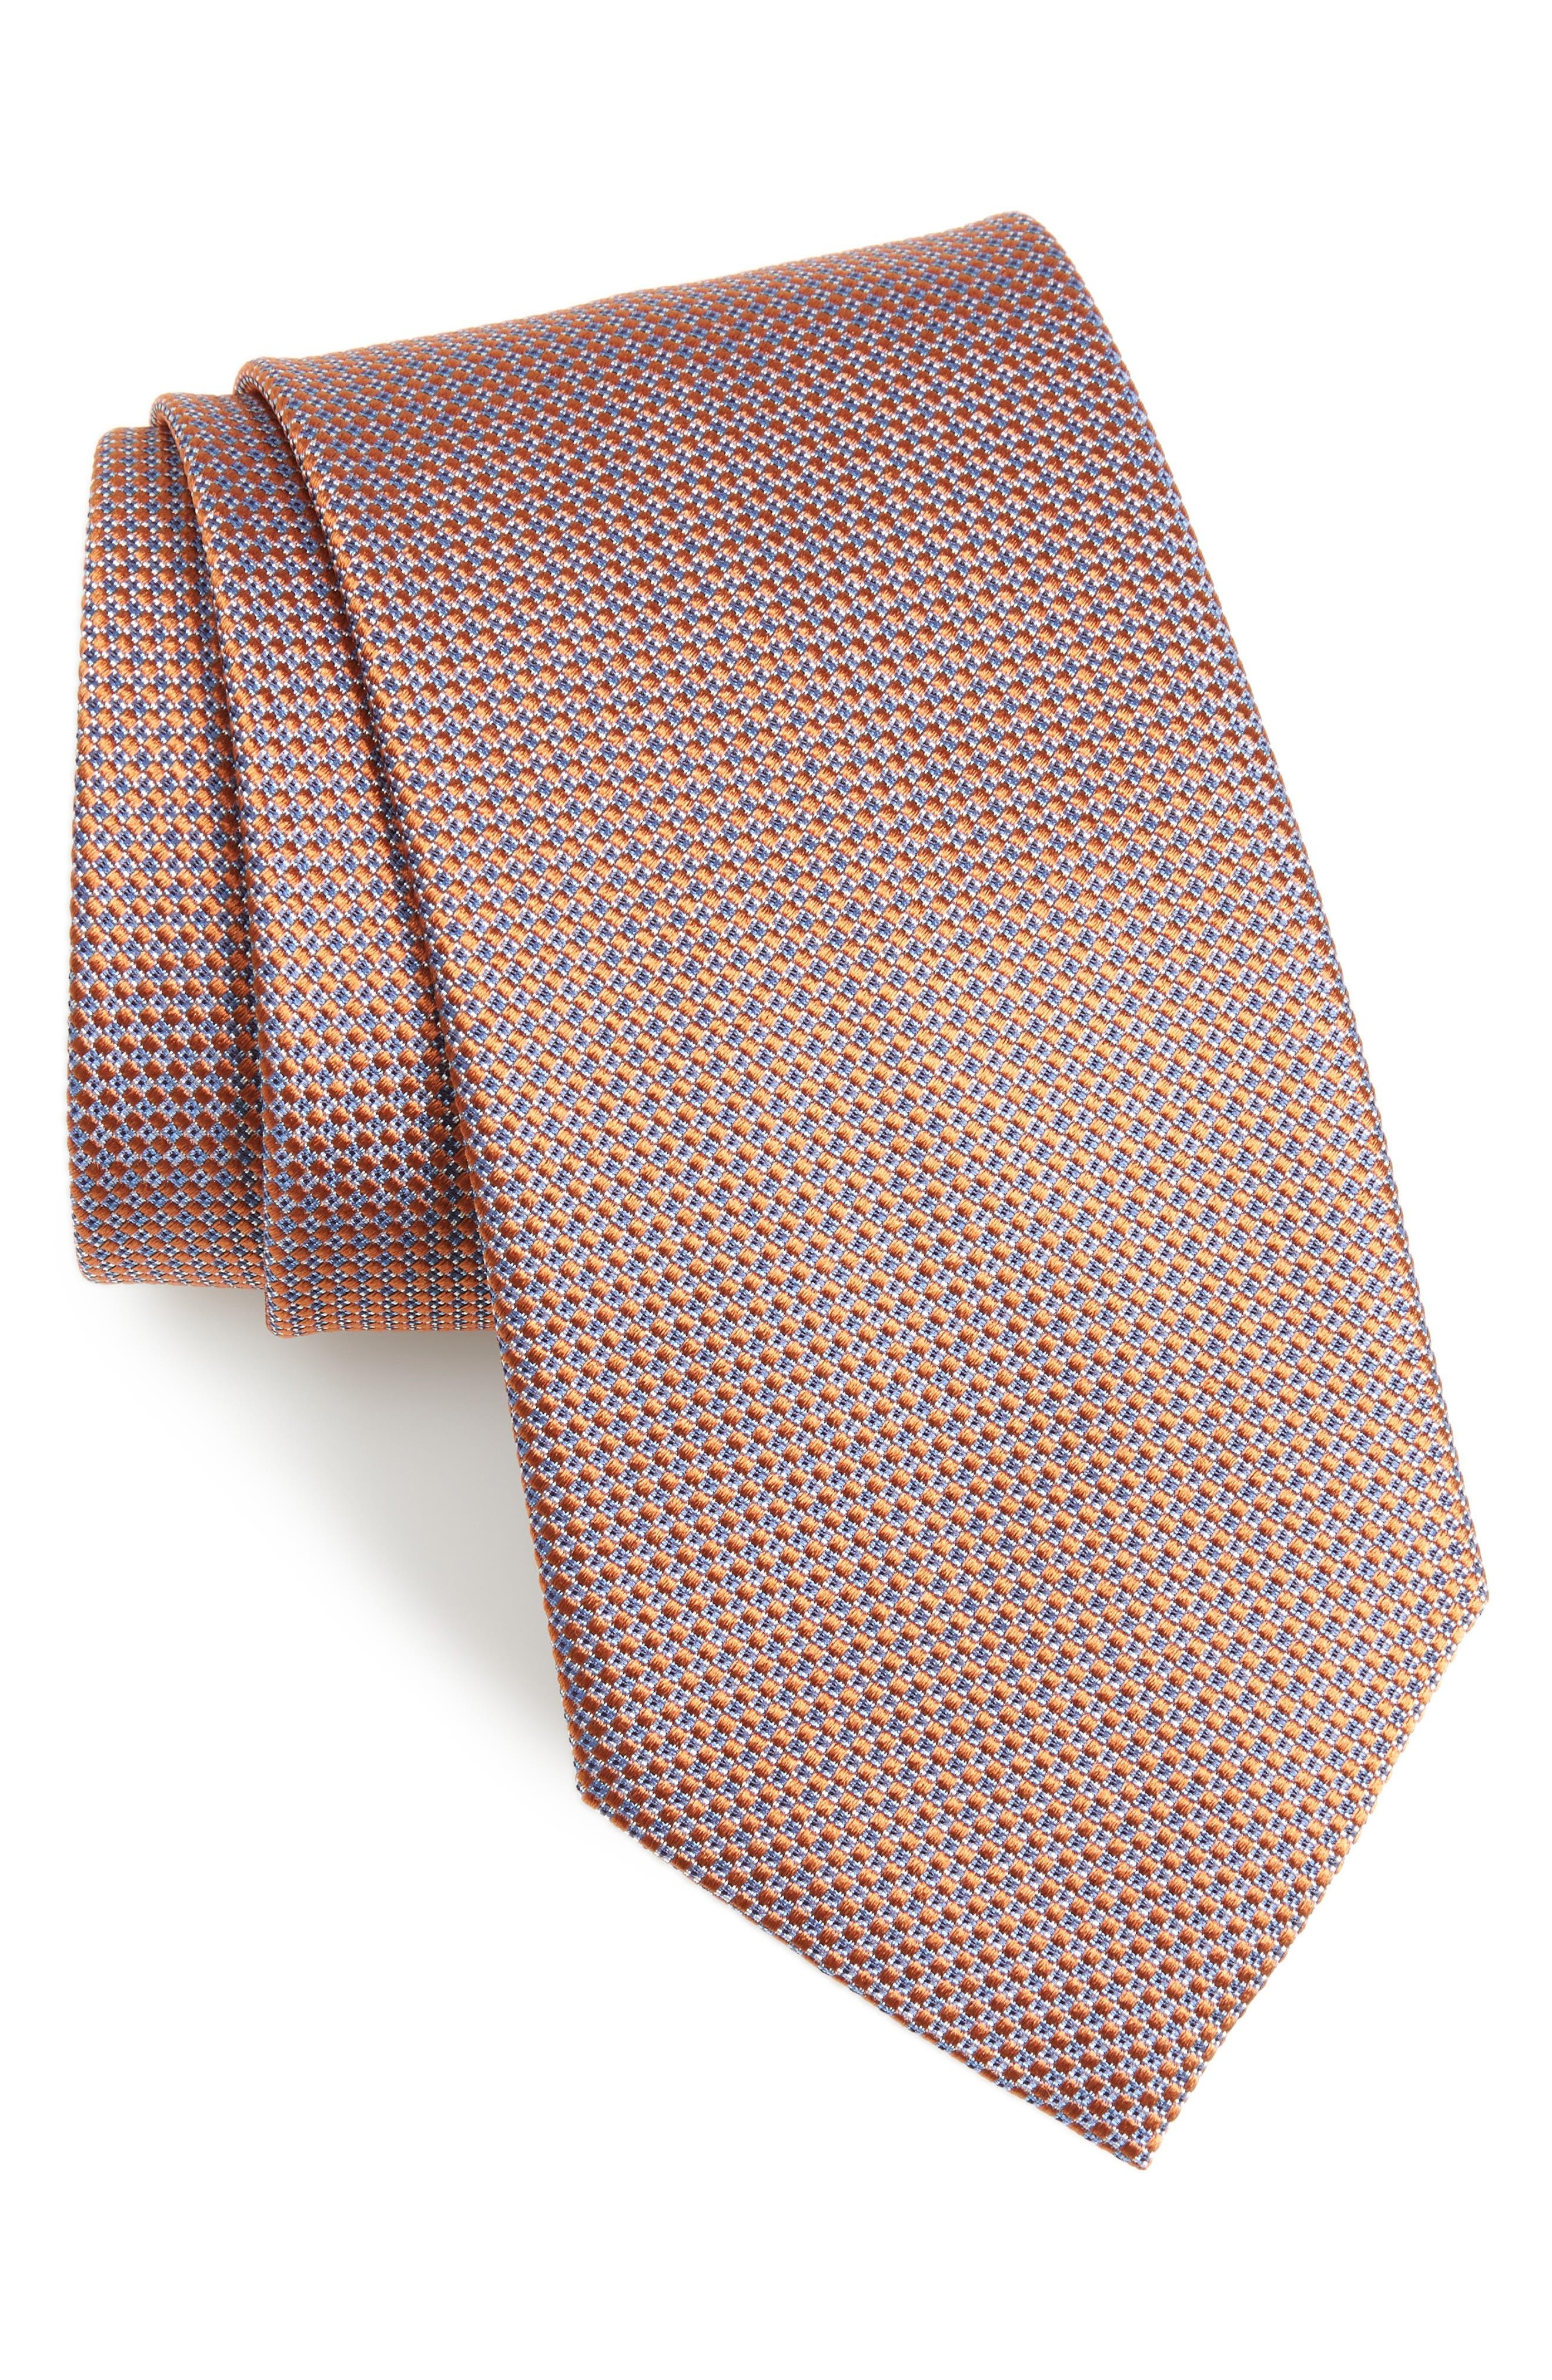 Neat Geometric Silk Tie,                         Main,                         color, ORANGE/ BLUE